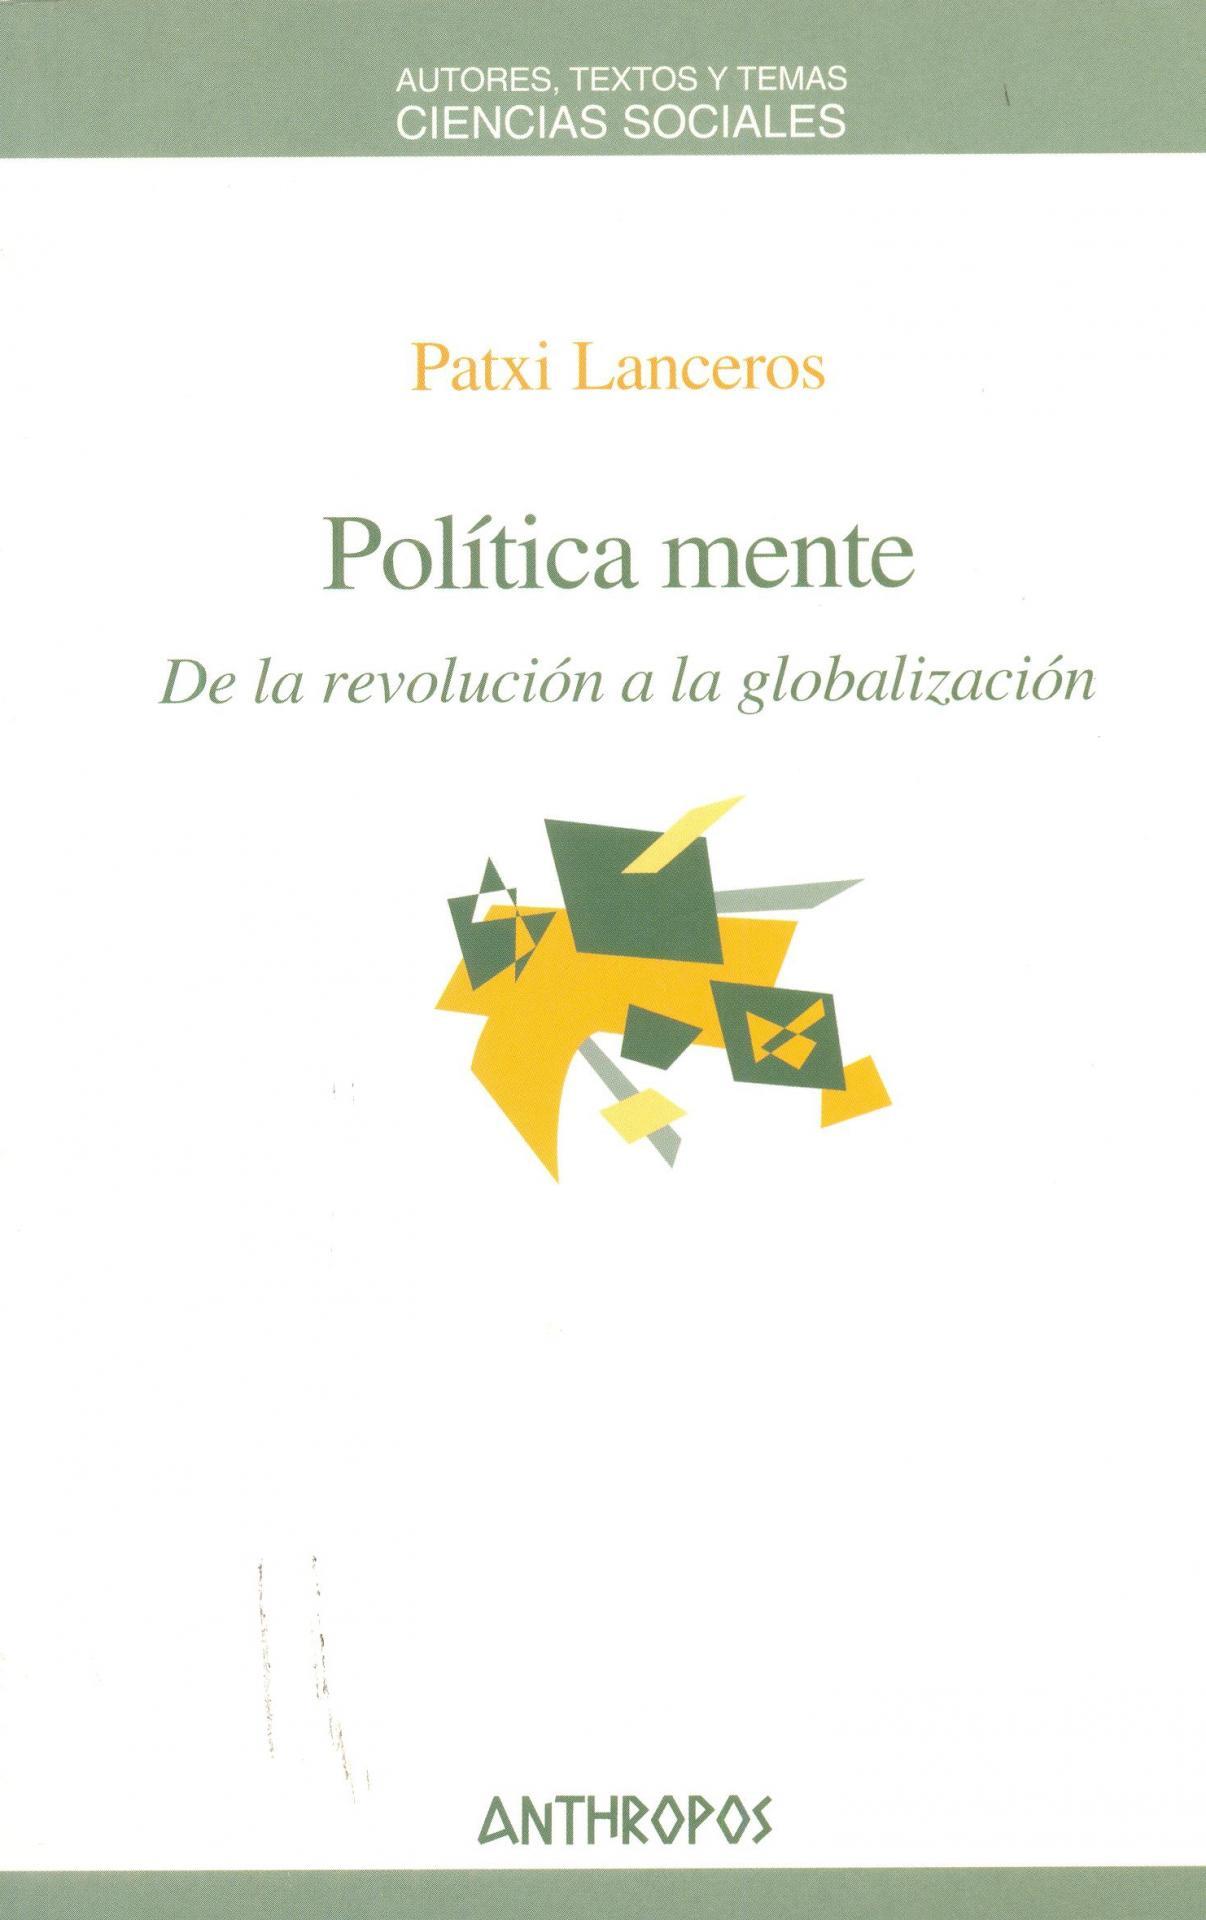 POLÍTICA MENTE. De la revolución a la globalización. Lanceros. P